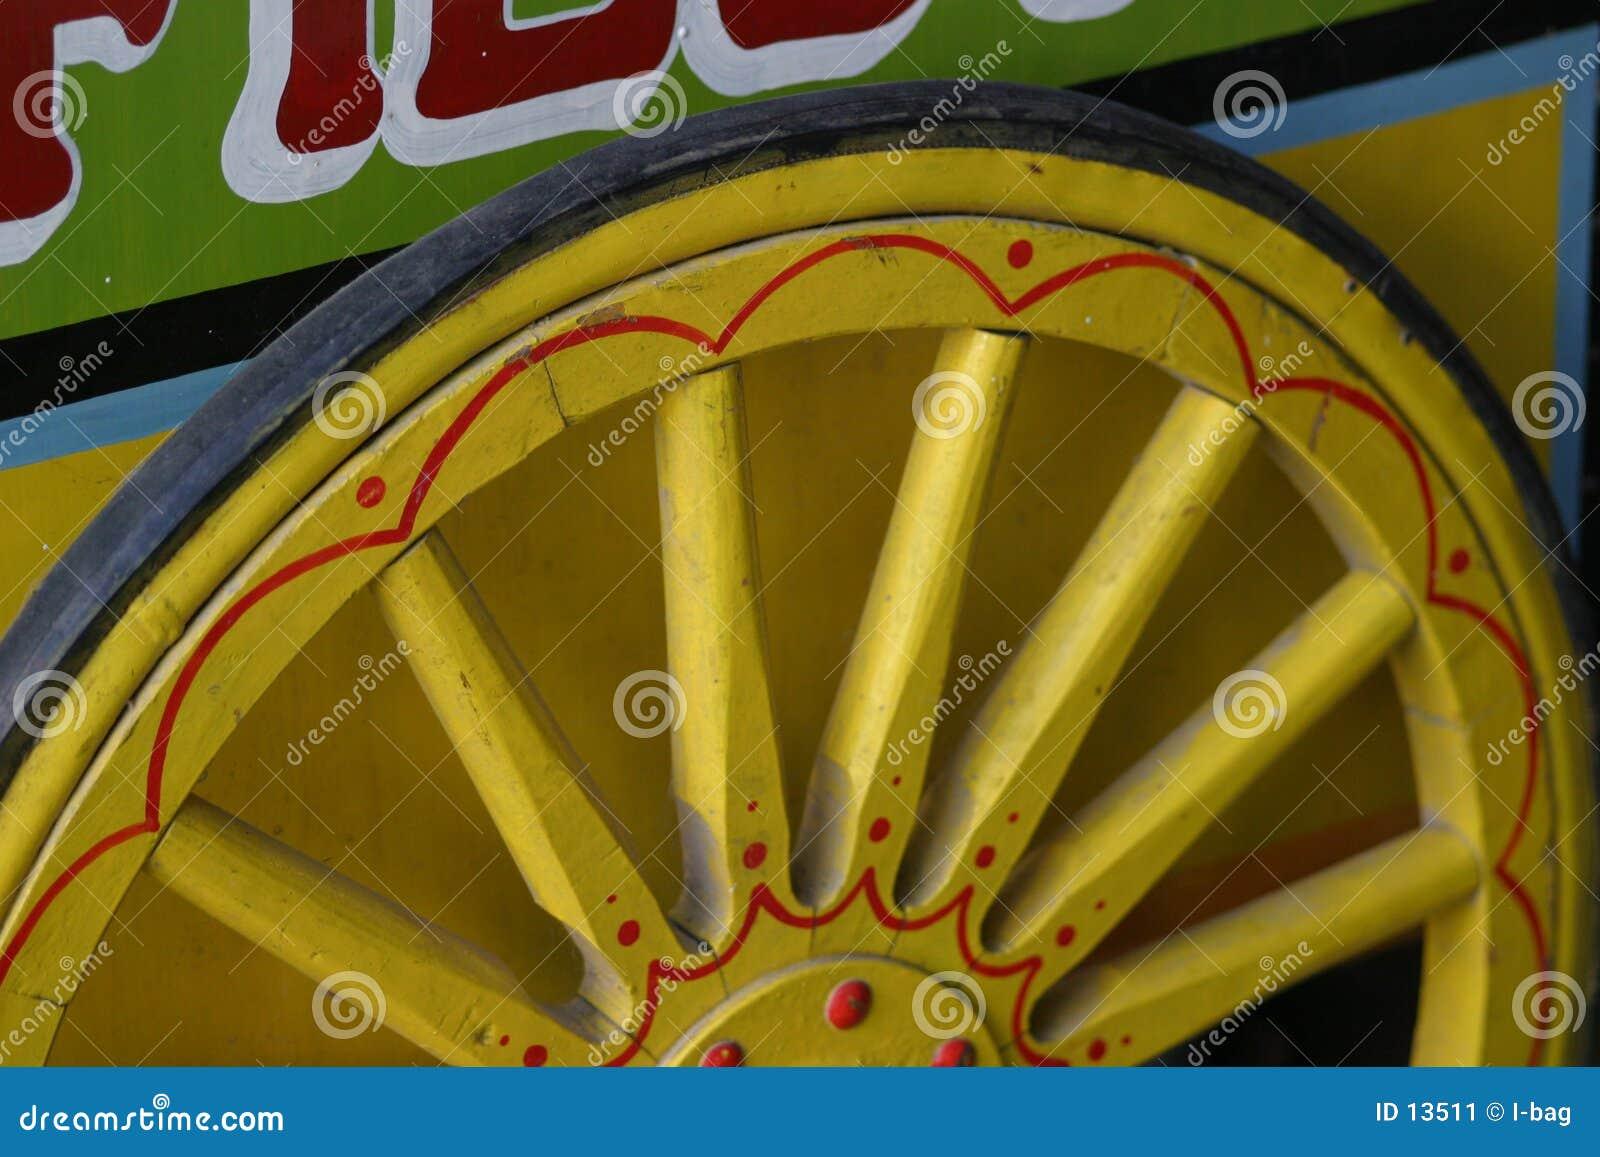 Geel houten wiel